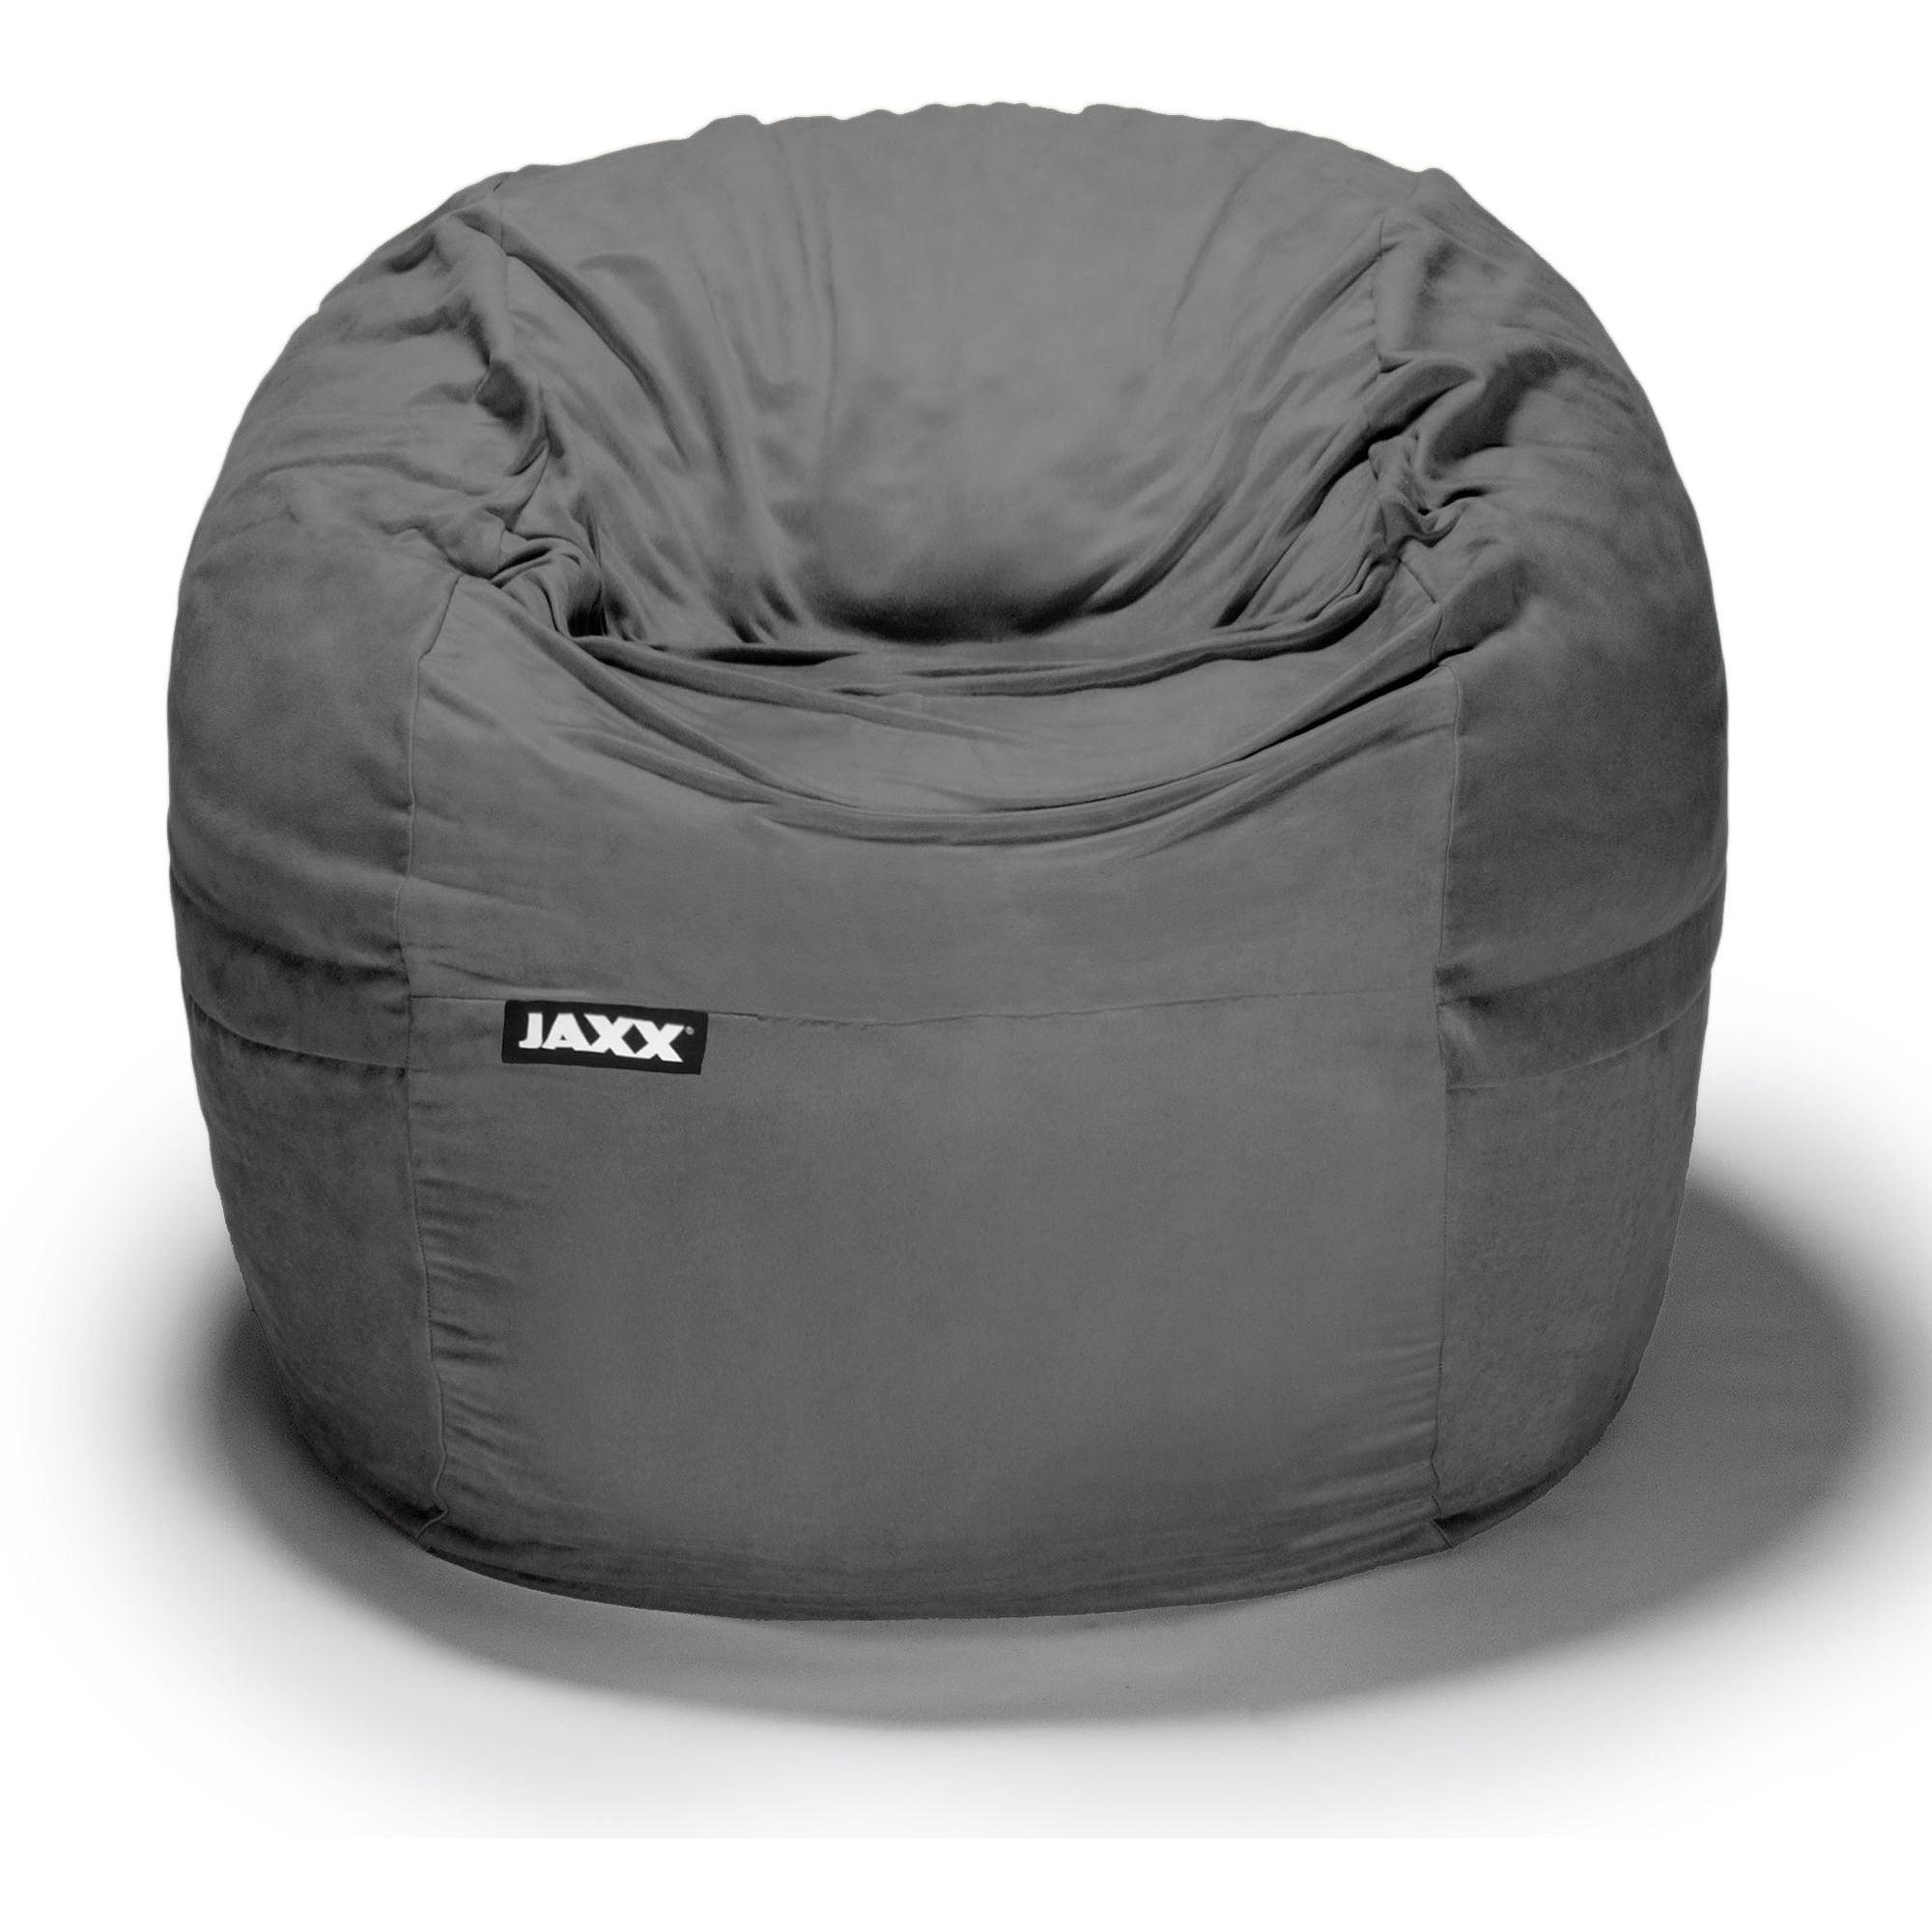 Jaxx Classic Saxx Bean Bag Chair Walmart